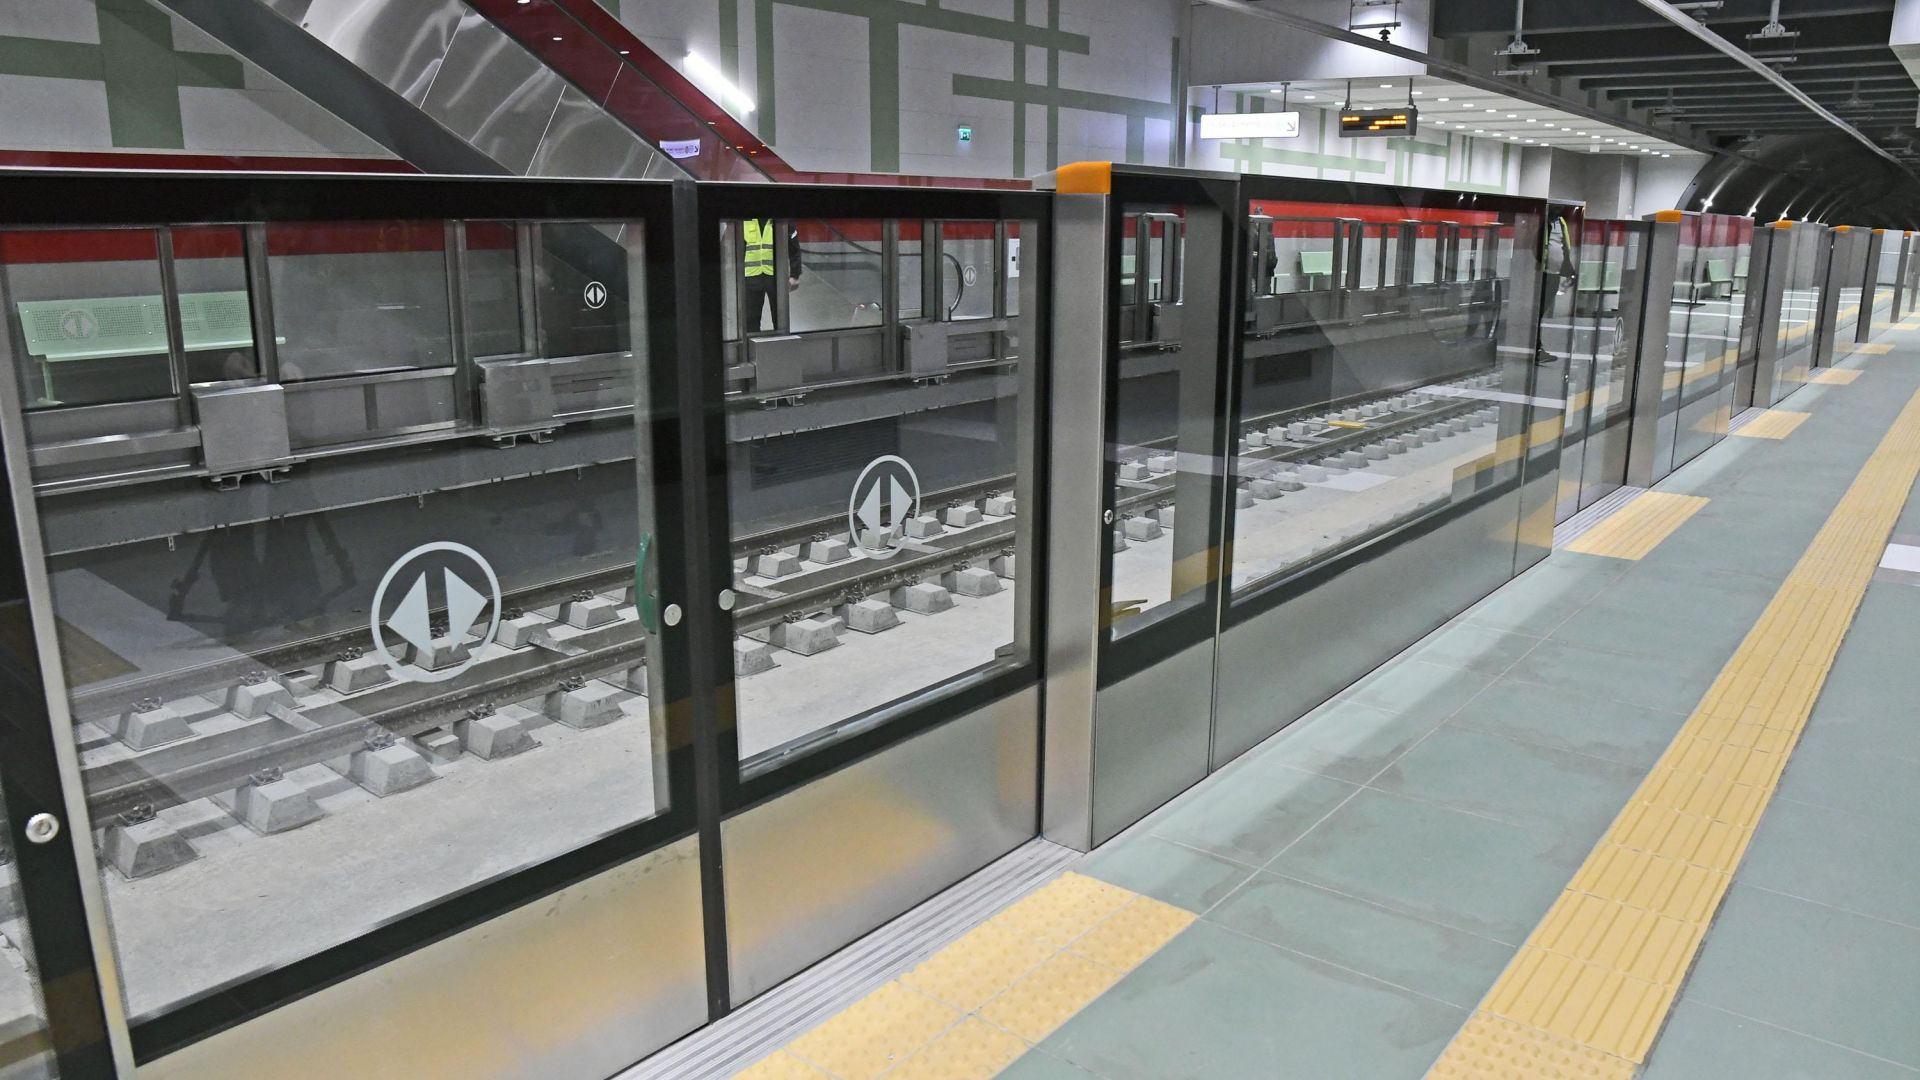 През декември ще приключи окончателно строителството на първите 8 станции